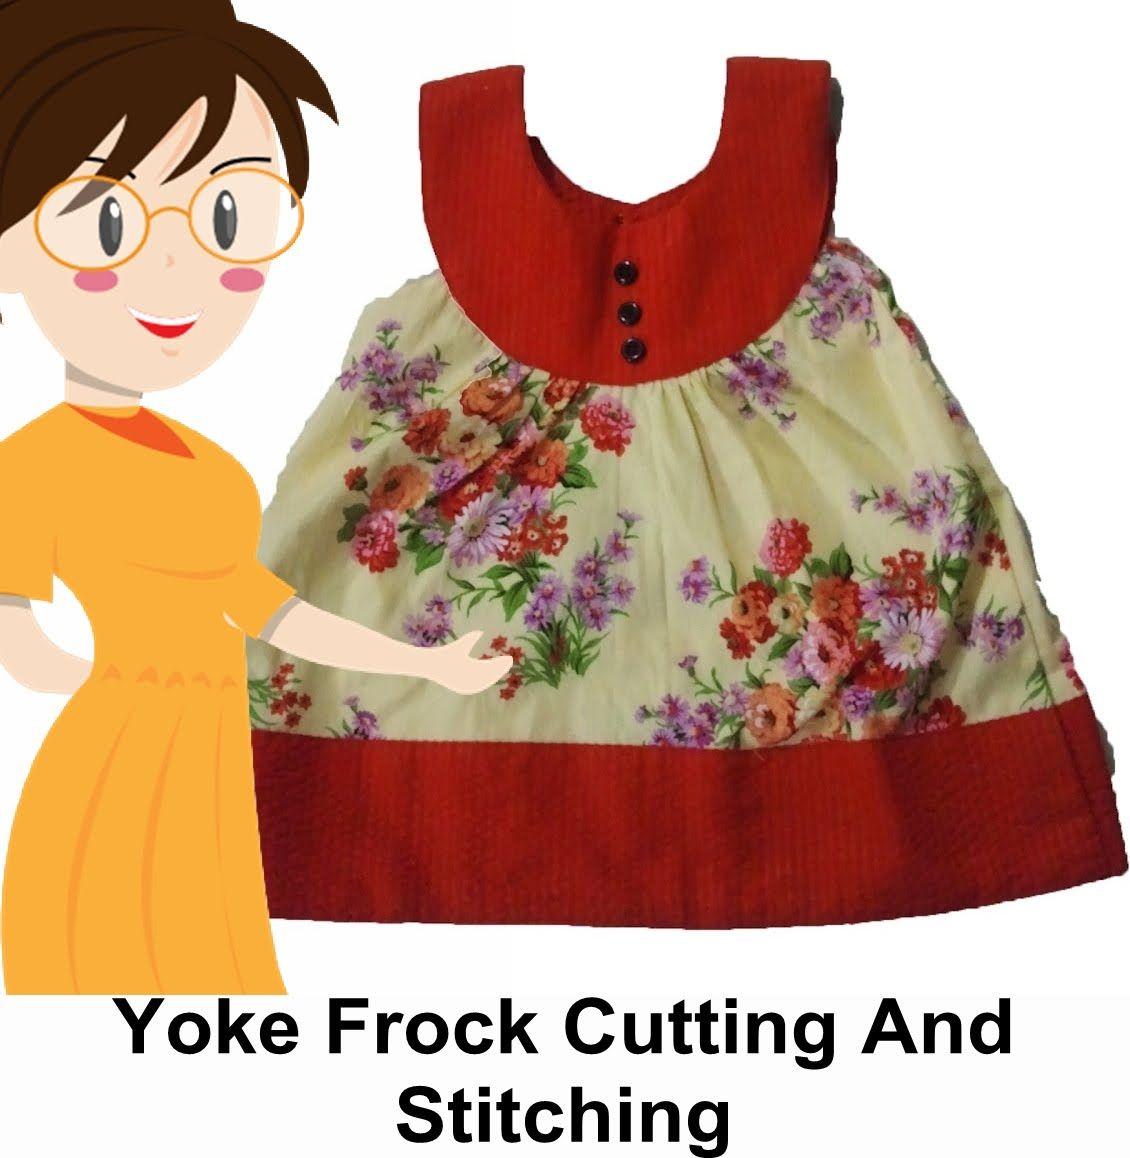 448b3023135c Yoke Frock Cutting And Stitching - Tailoring With Usha - YouTube ...